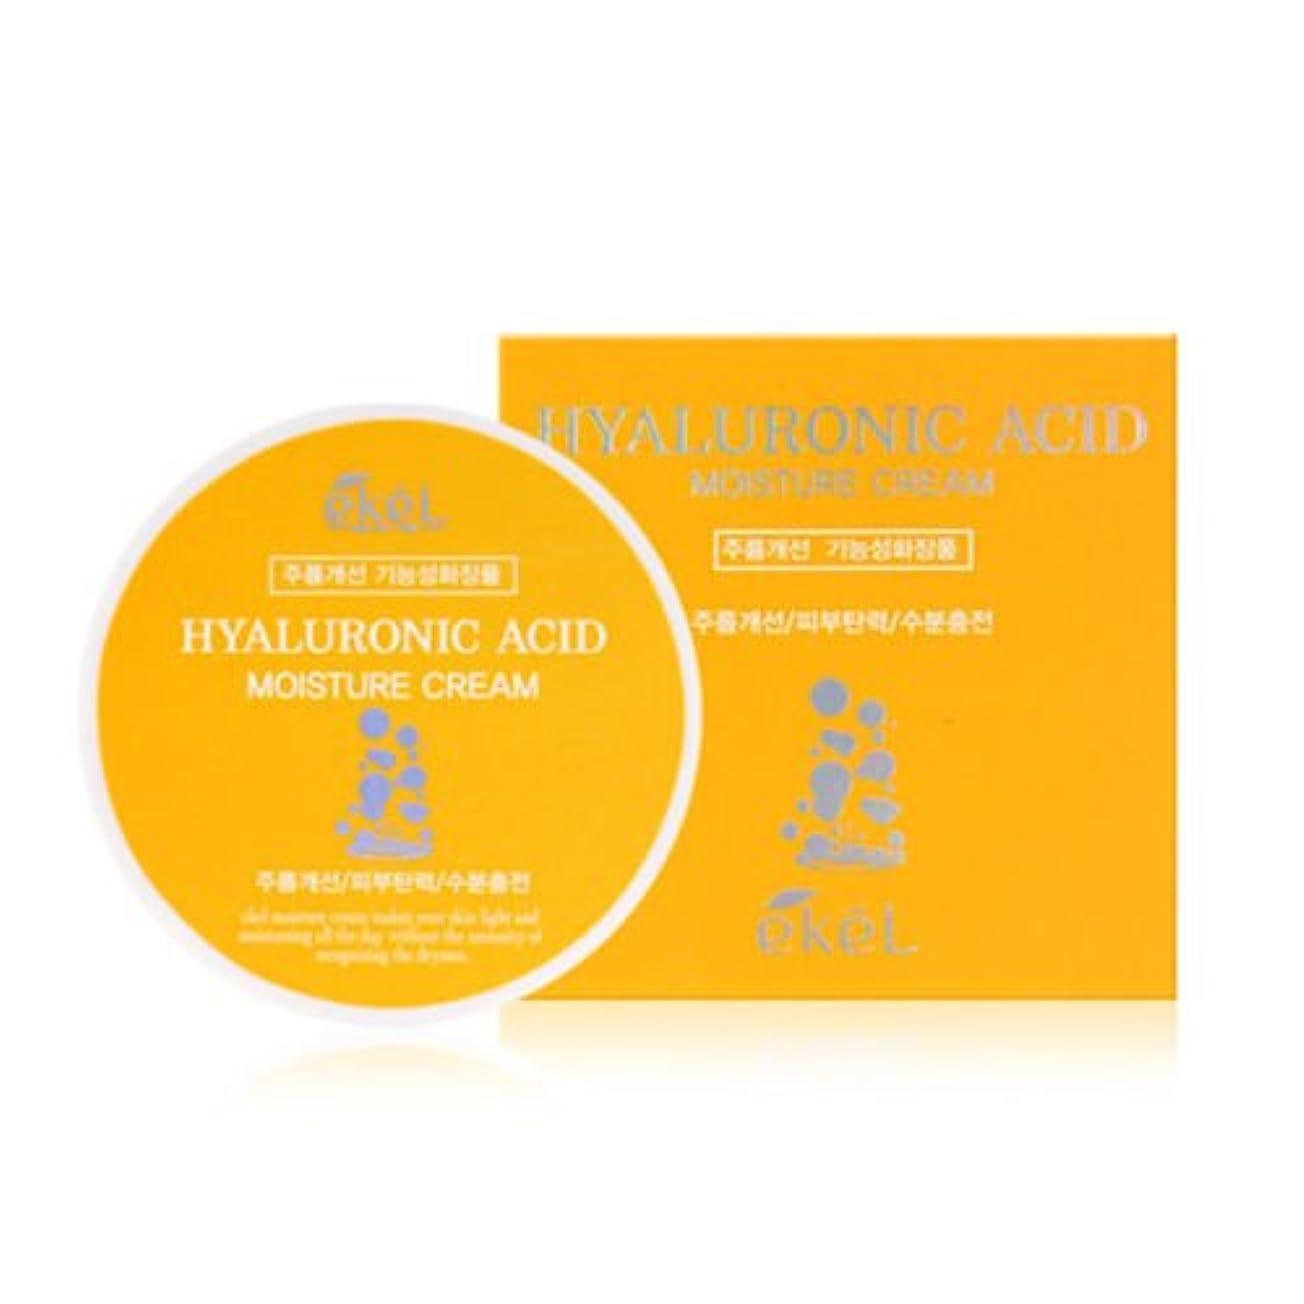 変形する枕油イケル[韓国コスメEkel]Hyaluronic acid Moisture Cream ヒアルロン酸モイスチャークリーム100g [並行輸入品]